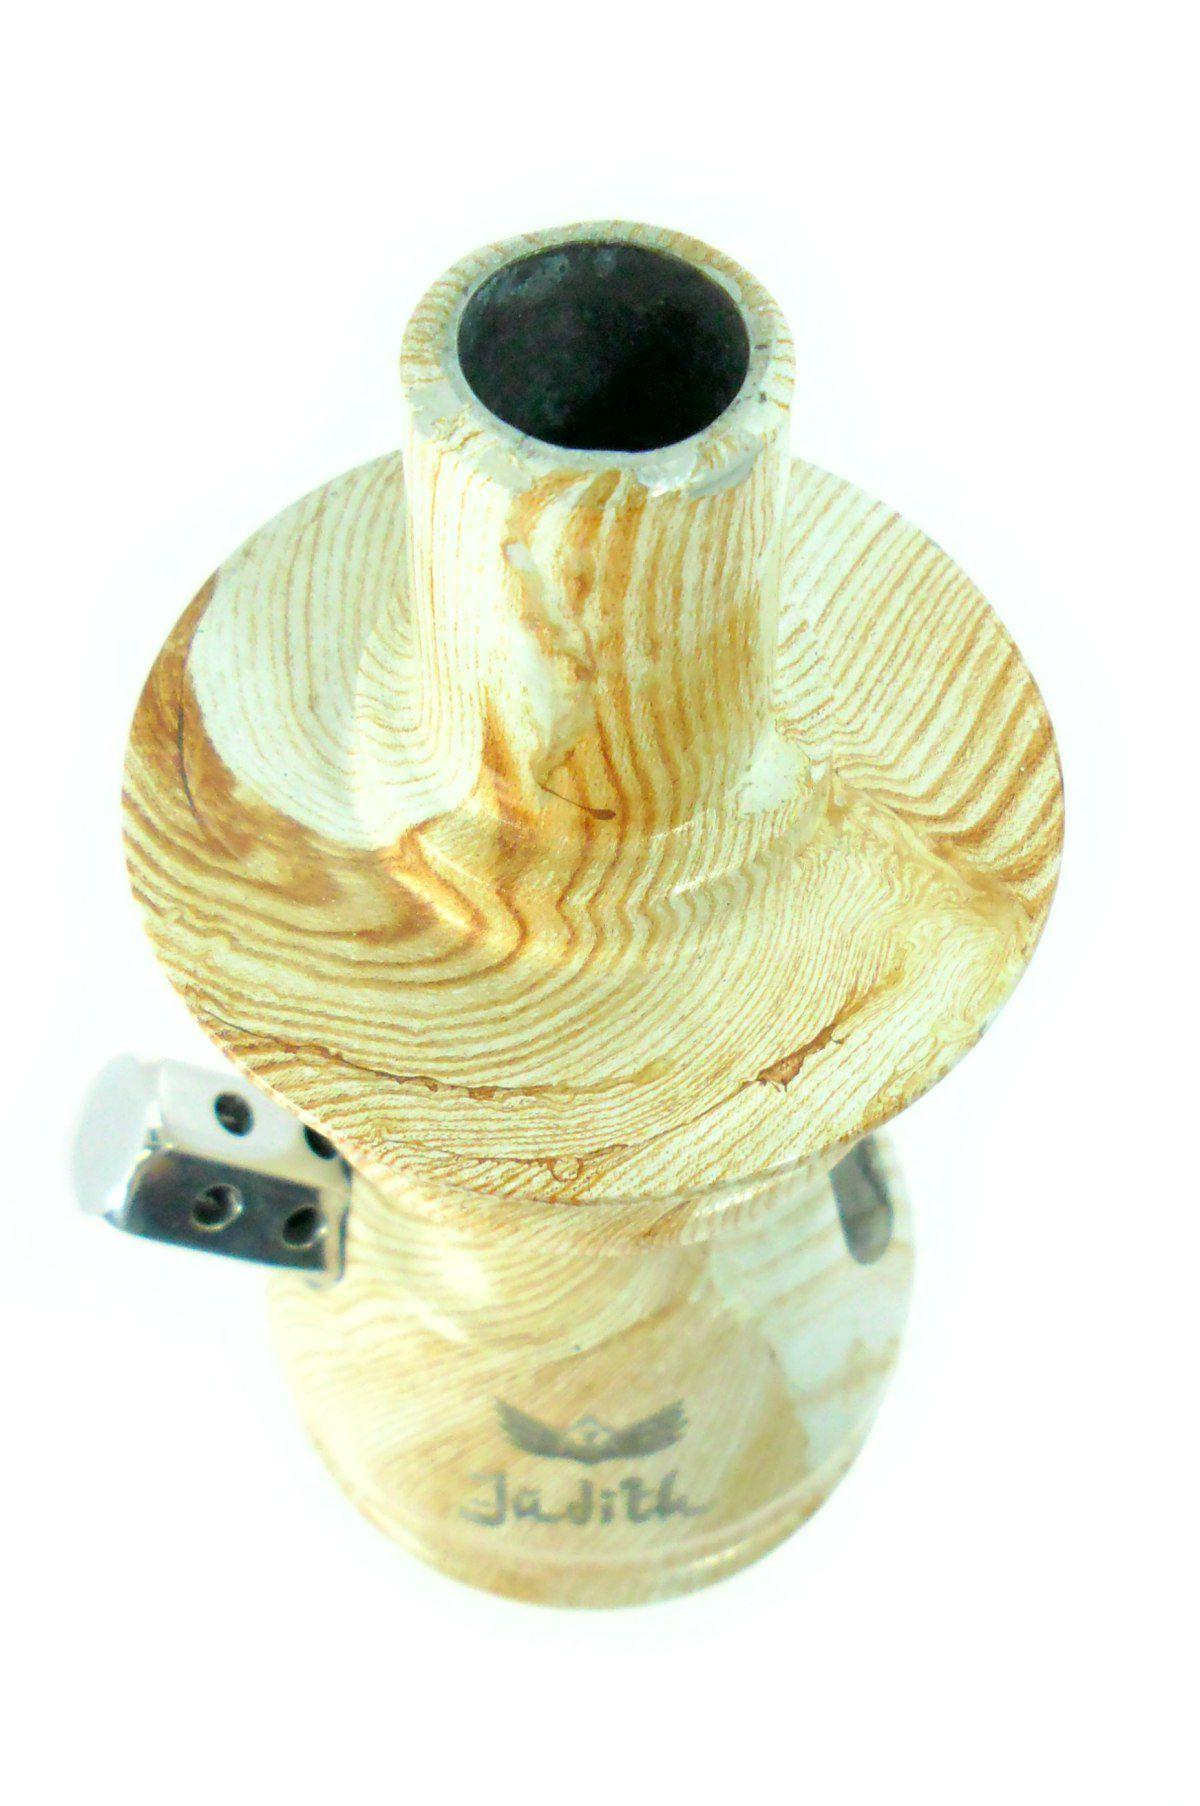 Stem (corpo de narguile) JUDITH MADEIRA (pintura hidrográfica) 22cm, alumínio usinado, dutado.